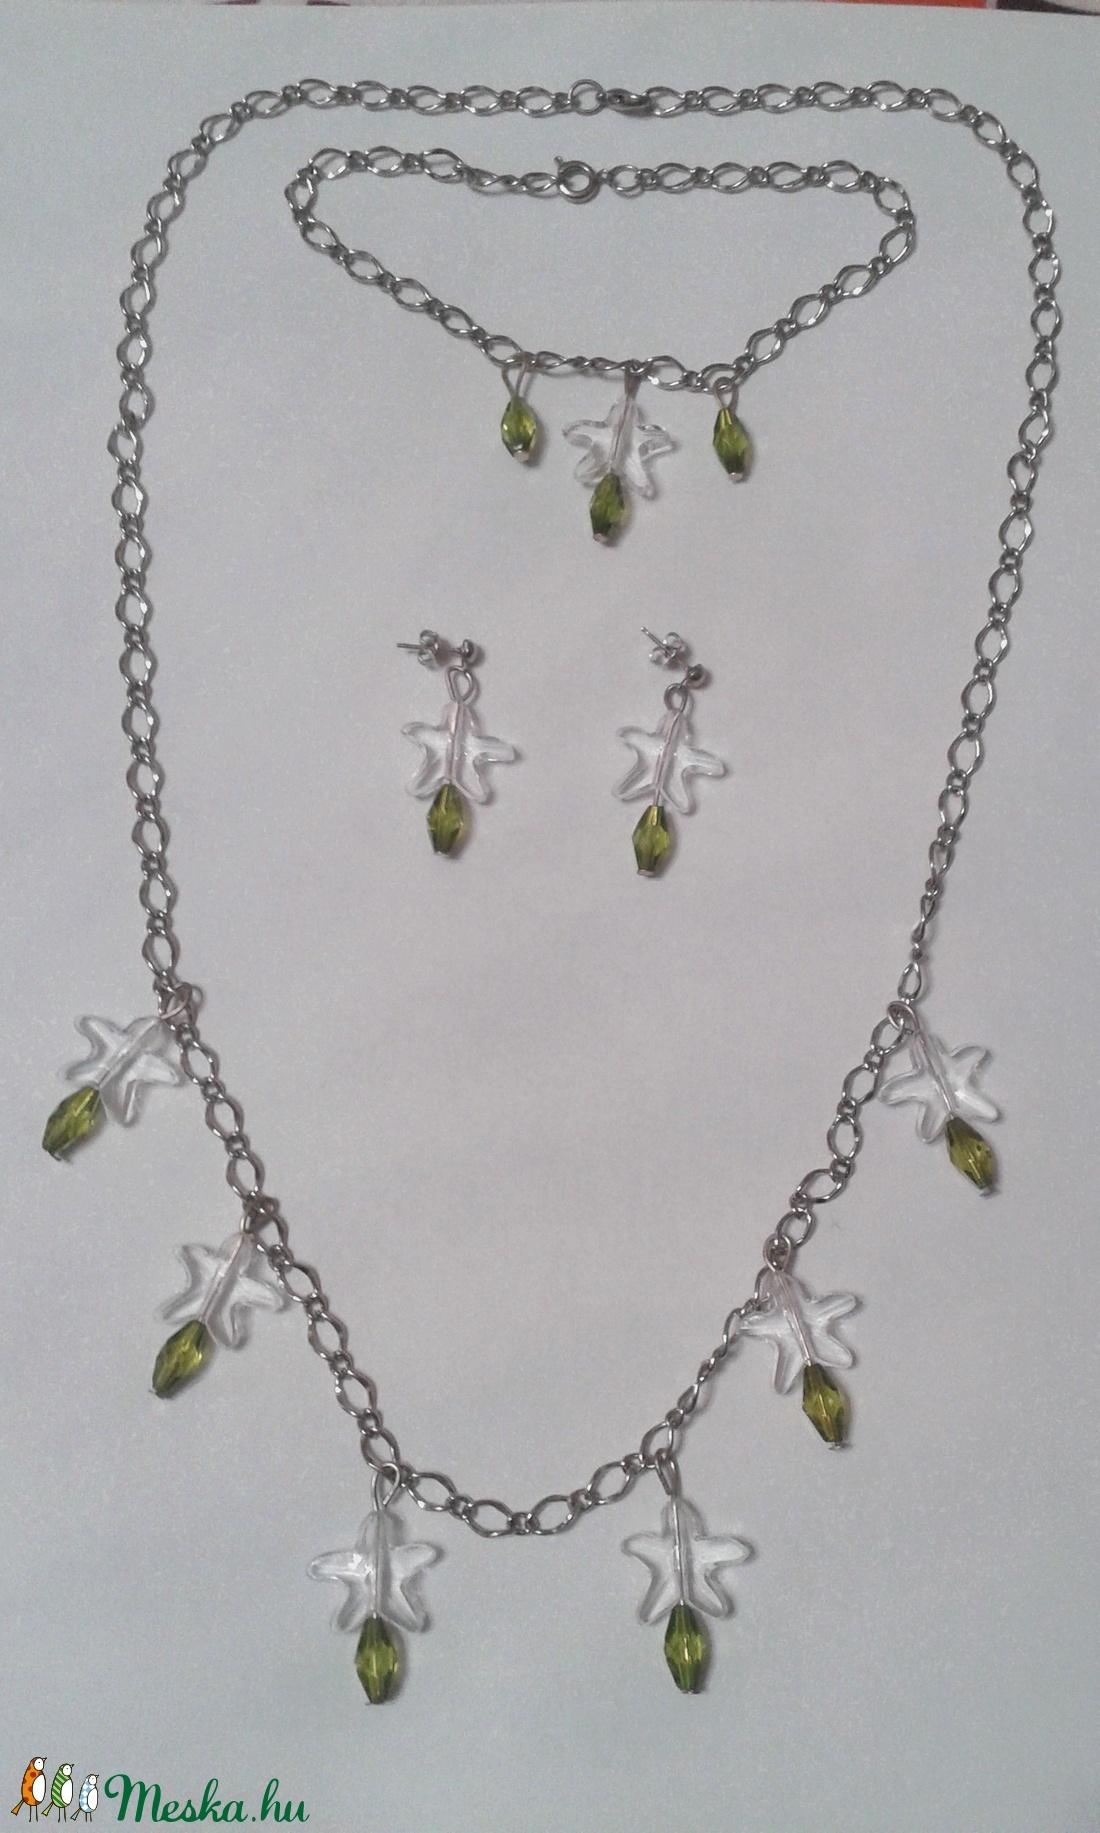 Zöld-átlátszó gyöngyös ezüst színű ékszer szett (vmelus79) - Meska.hu